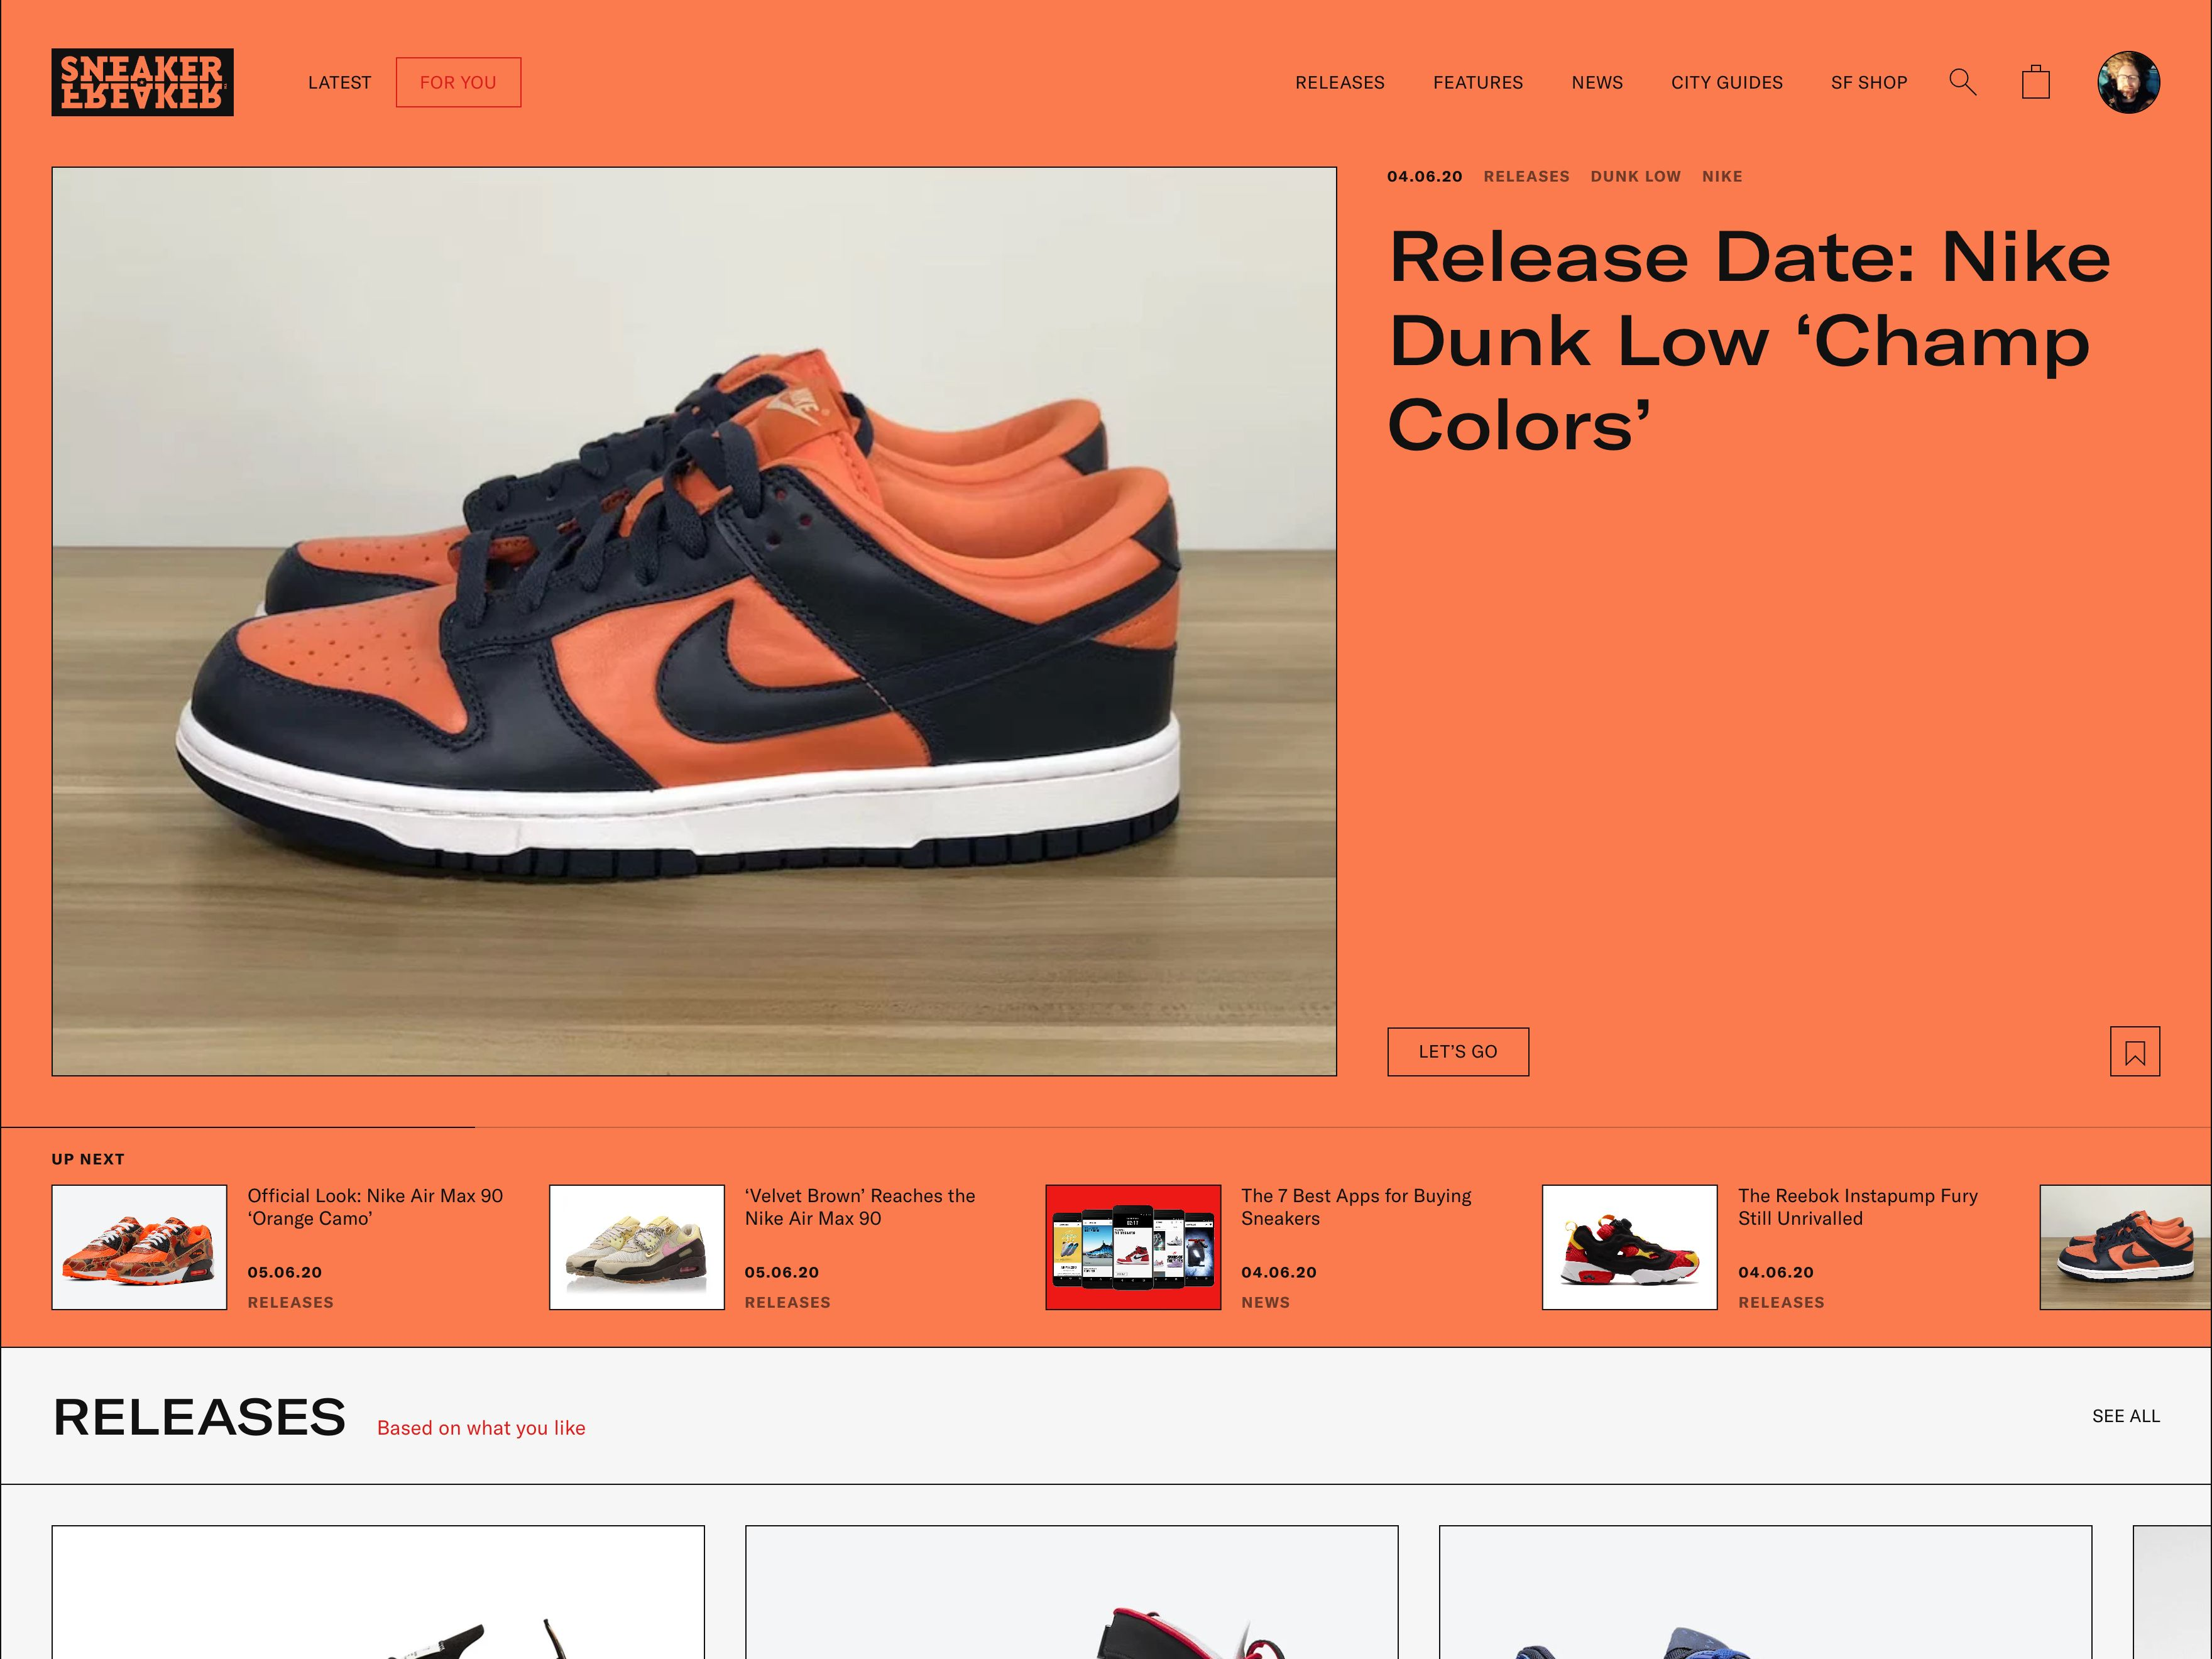 Sneaker Freaker home page